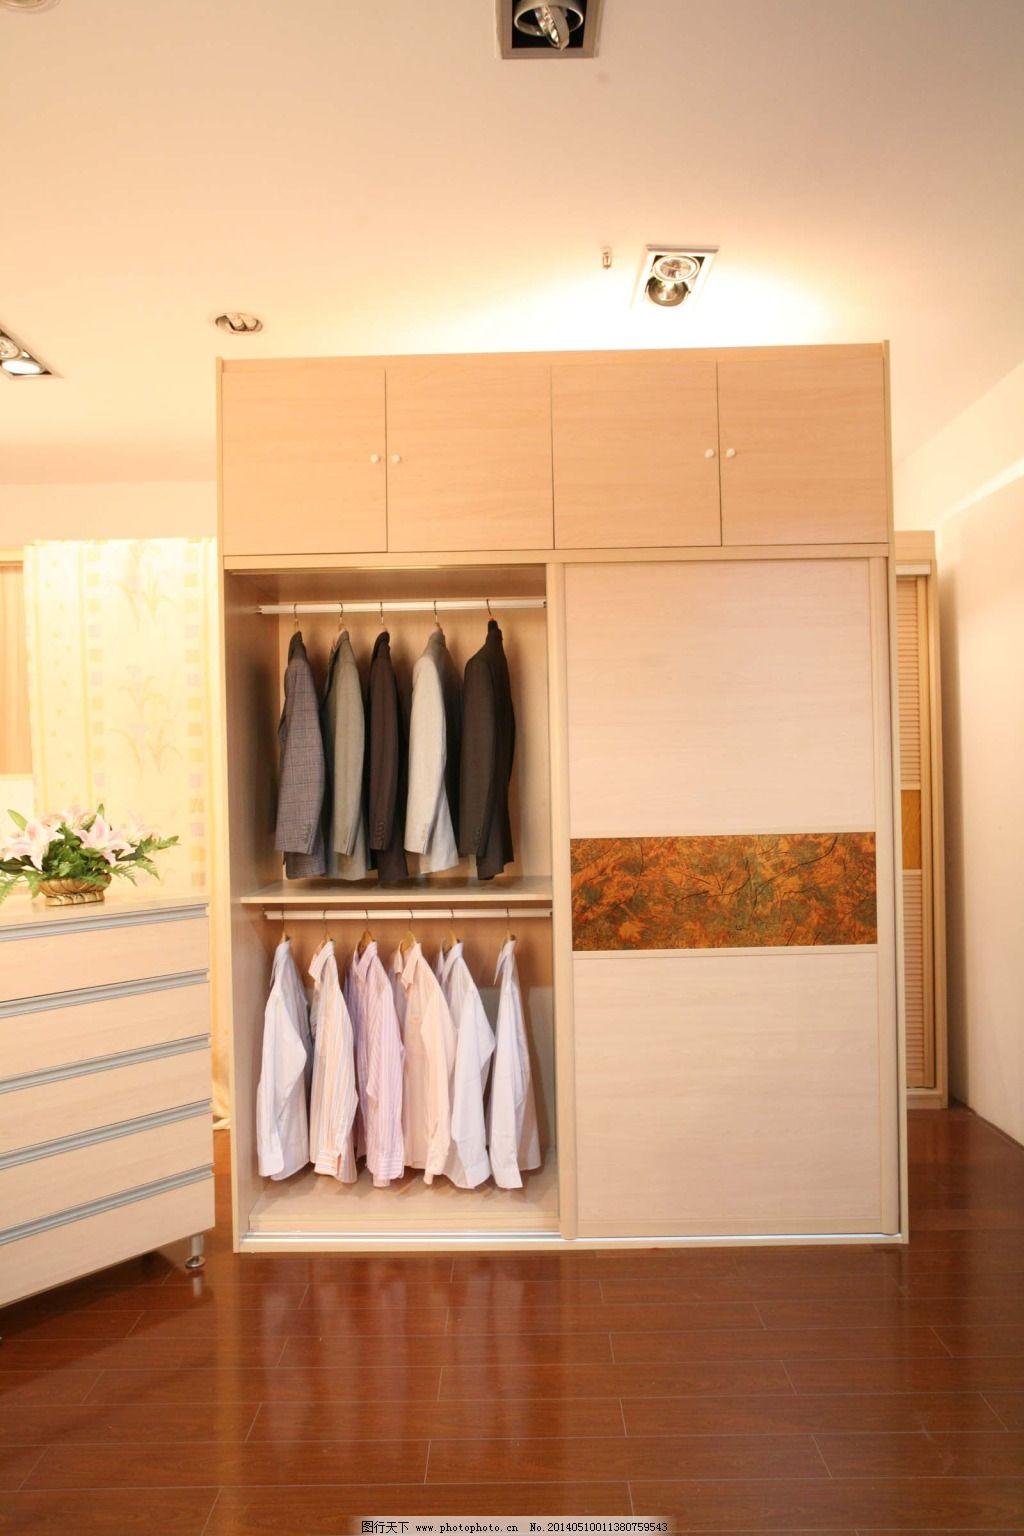 衣柜设计免费下载 室内 衣柜 装修 衣柜 壁橱 室内 装修 家居装饰素材